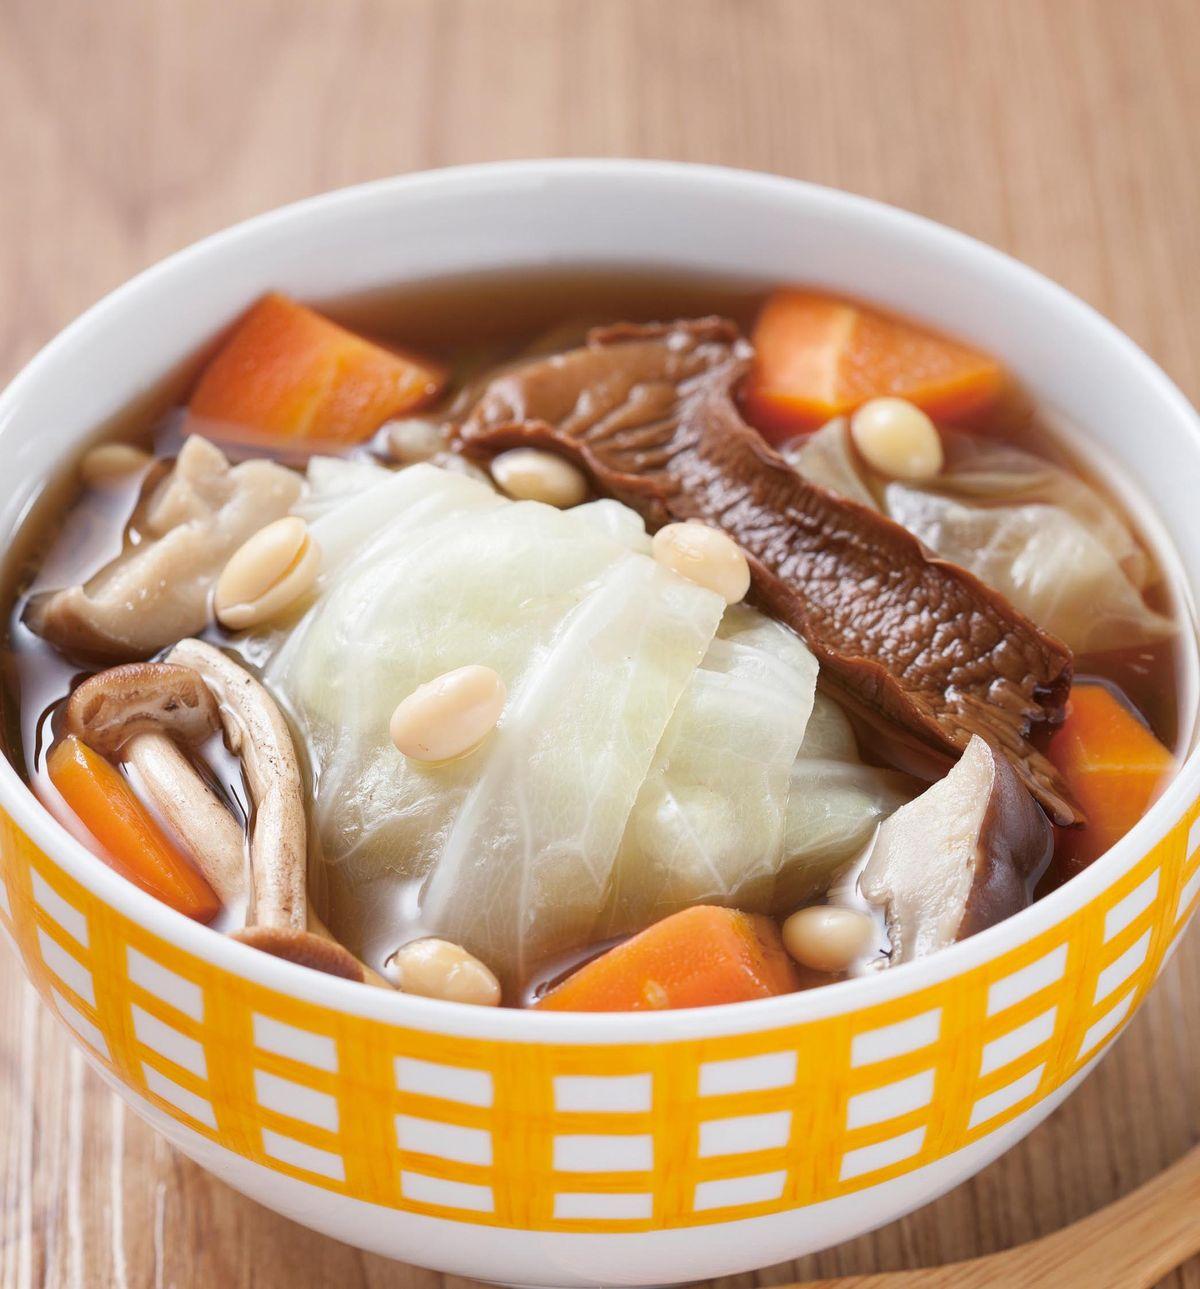 食譜:鮮蔬蕈菇湯